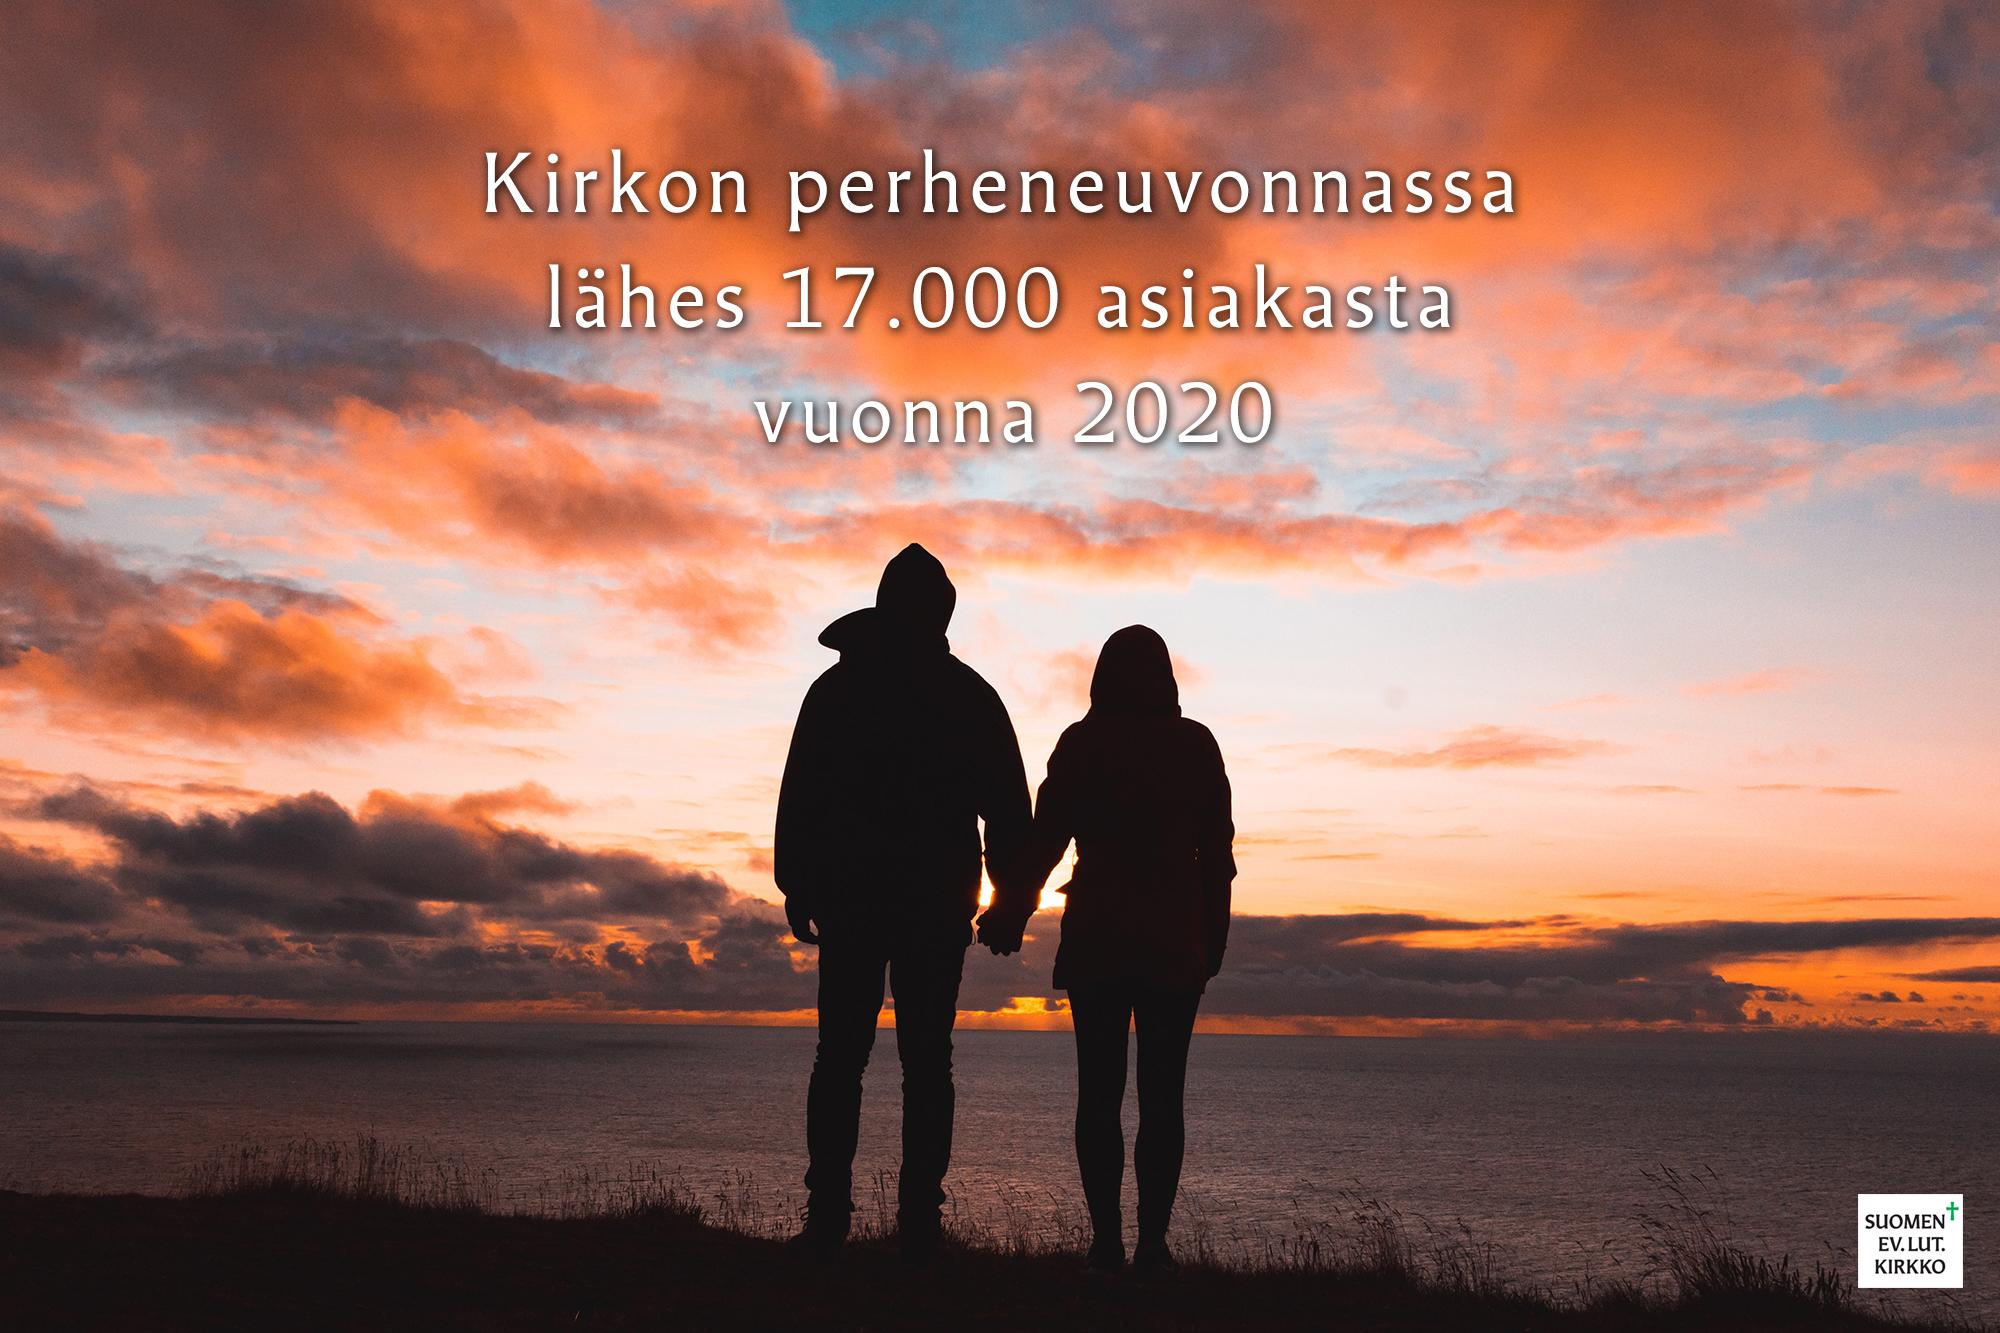 Kirkon perheneuvonnassa lähes 17.000 asiakasta vuonna 2020.